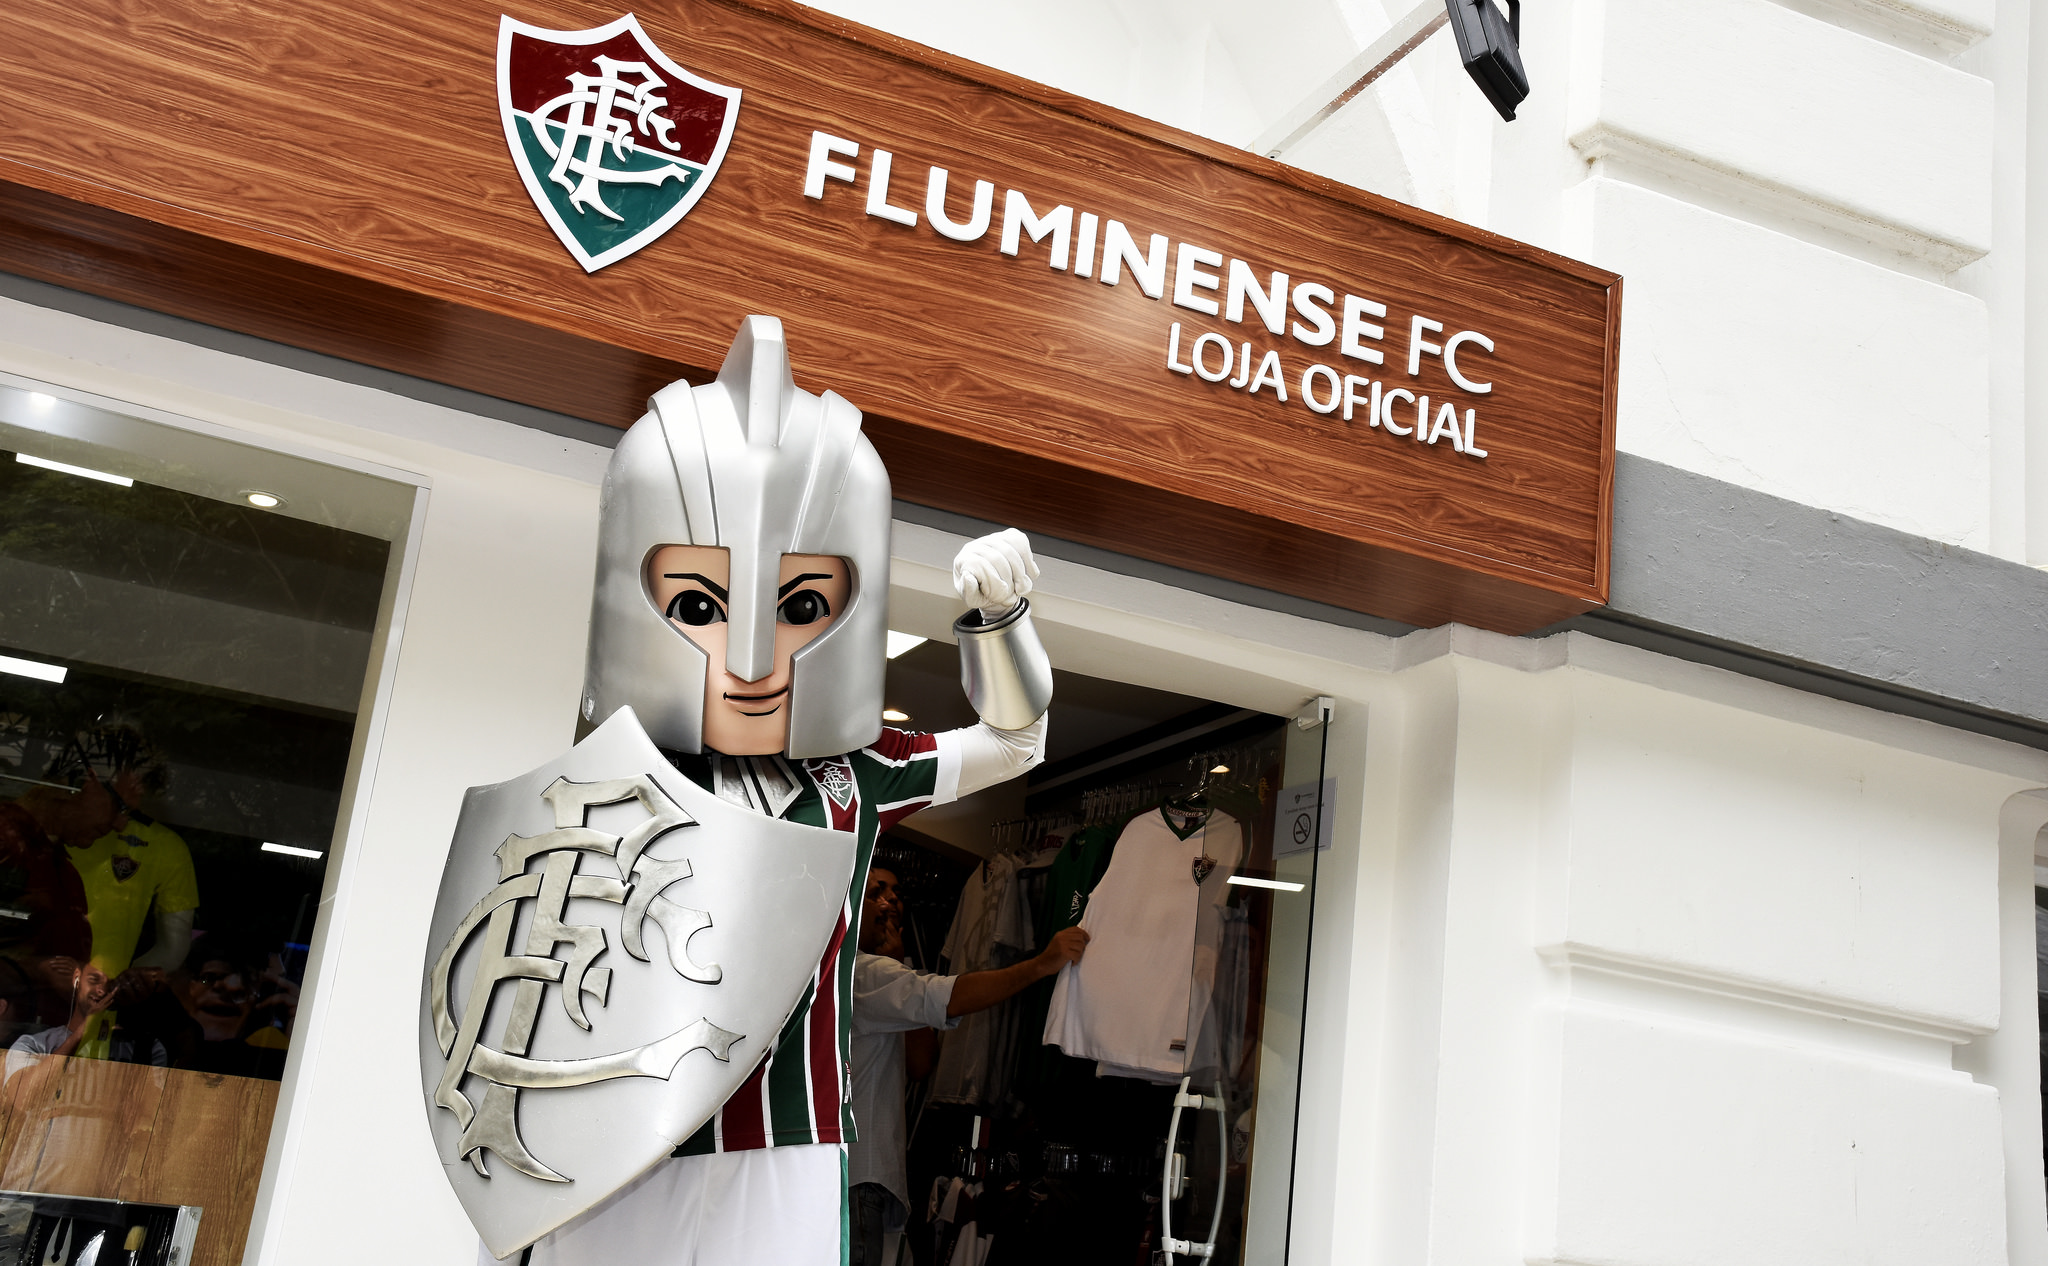 a1229a5e121b9 Os tricolores querem vestir Fluminense. E agora existe ainda mais  possibilidades de fazer isso no dia a dia - disse o presidente Pedro Abad.